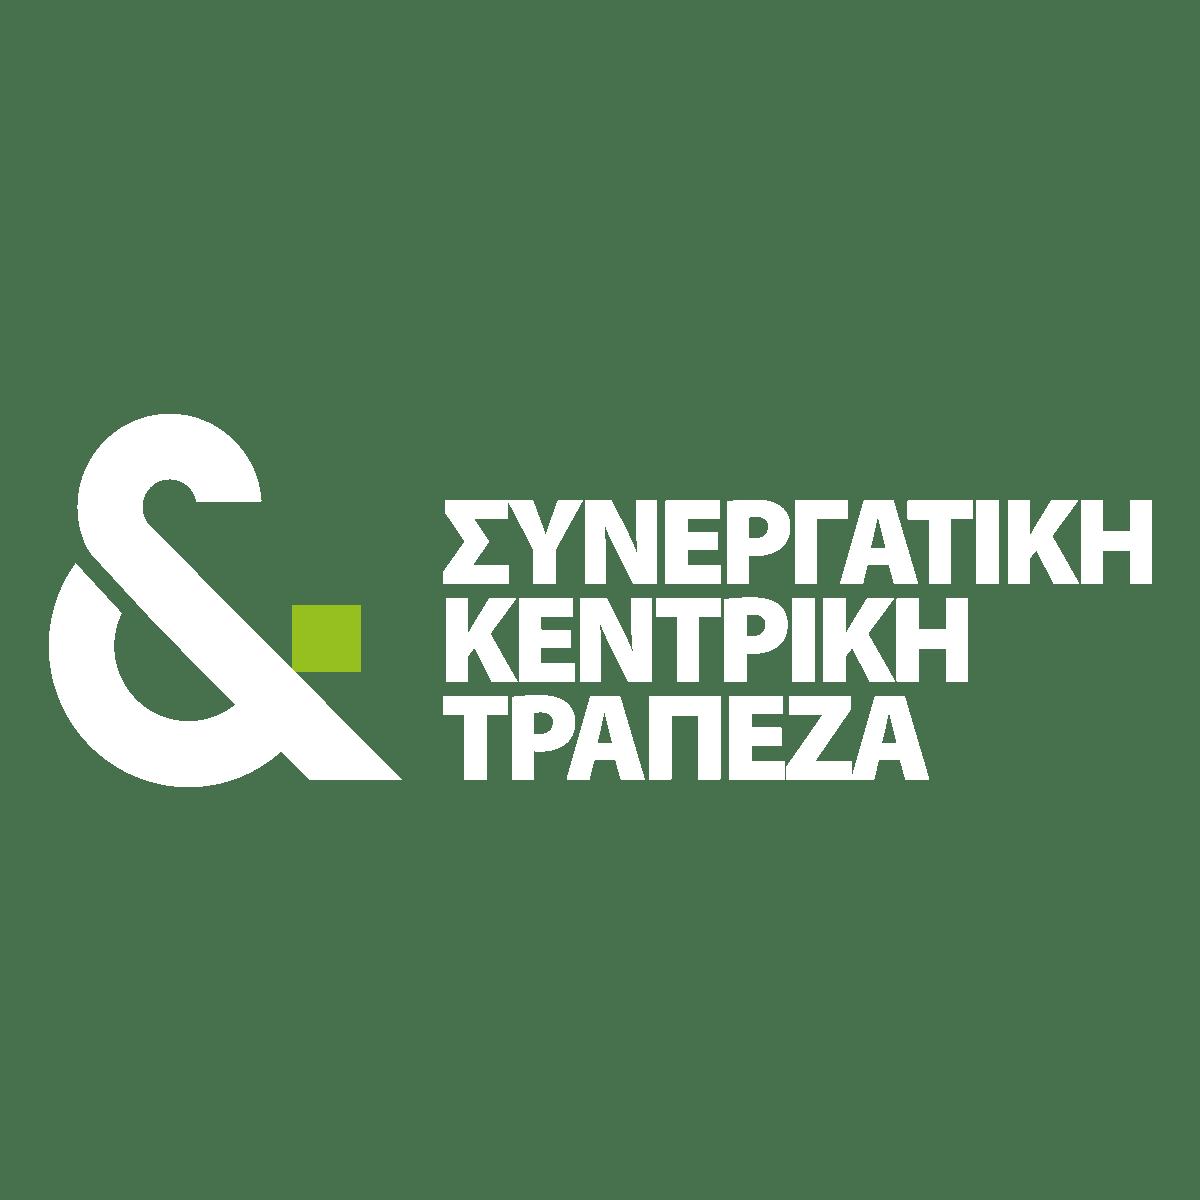 συνεργατική κεντρική τράπεζα